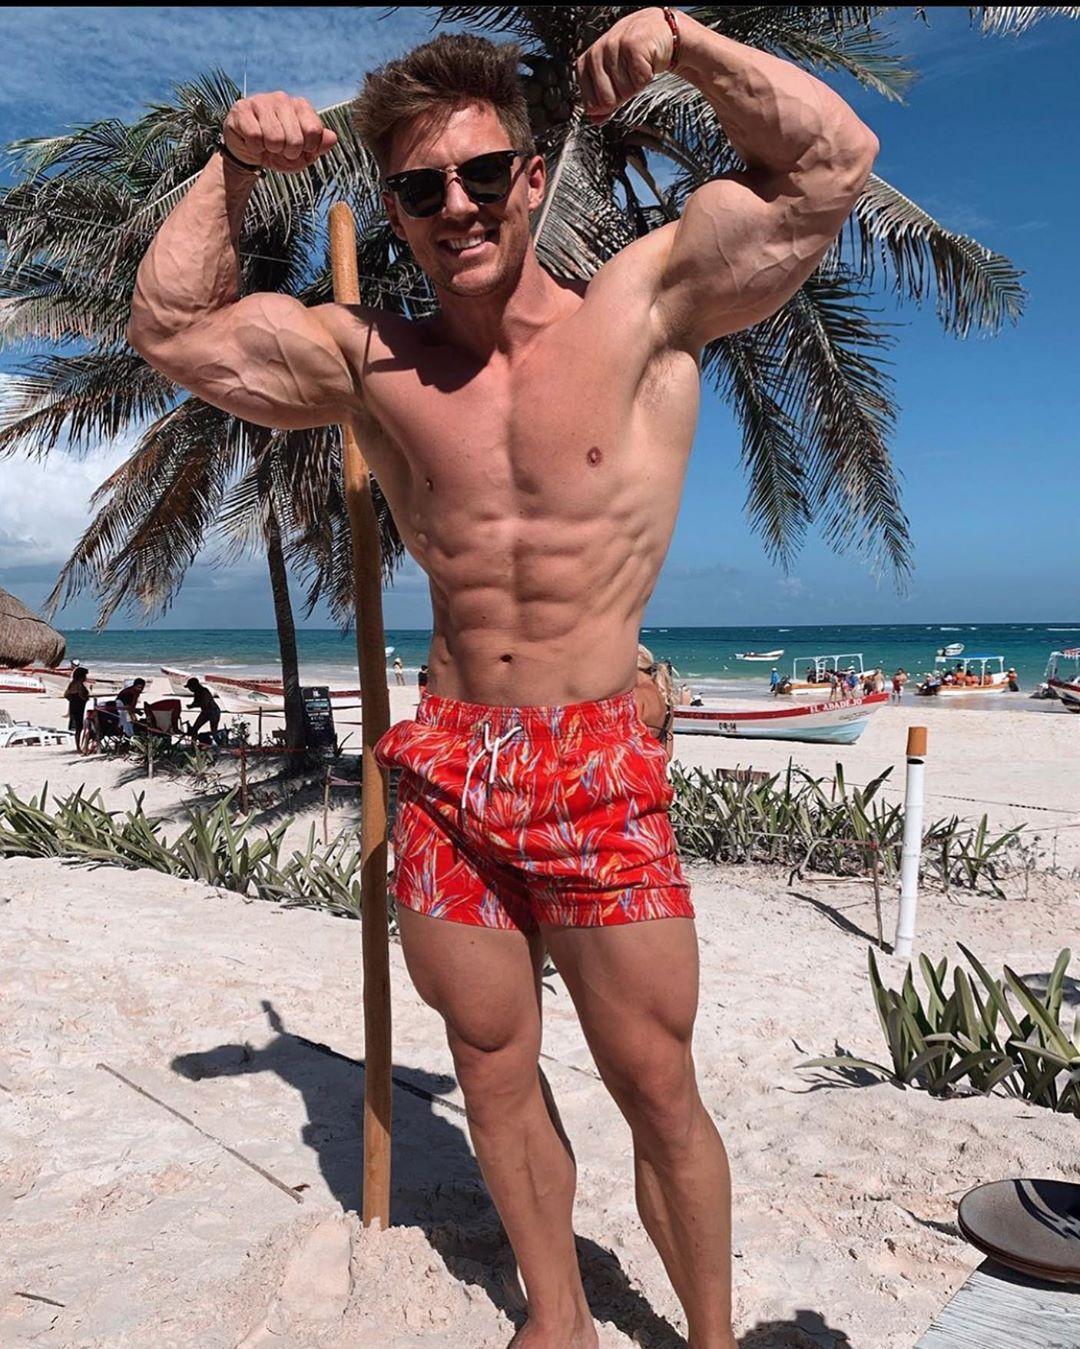 Steve Cook perdre du poids perdre du poids 30 livres